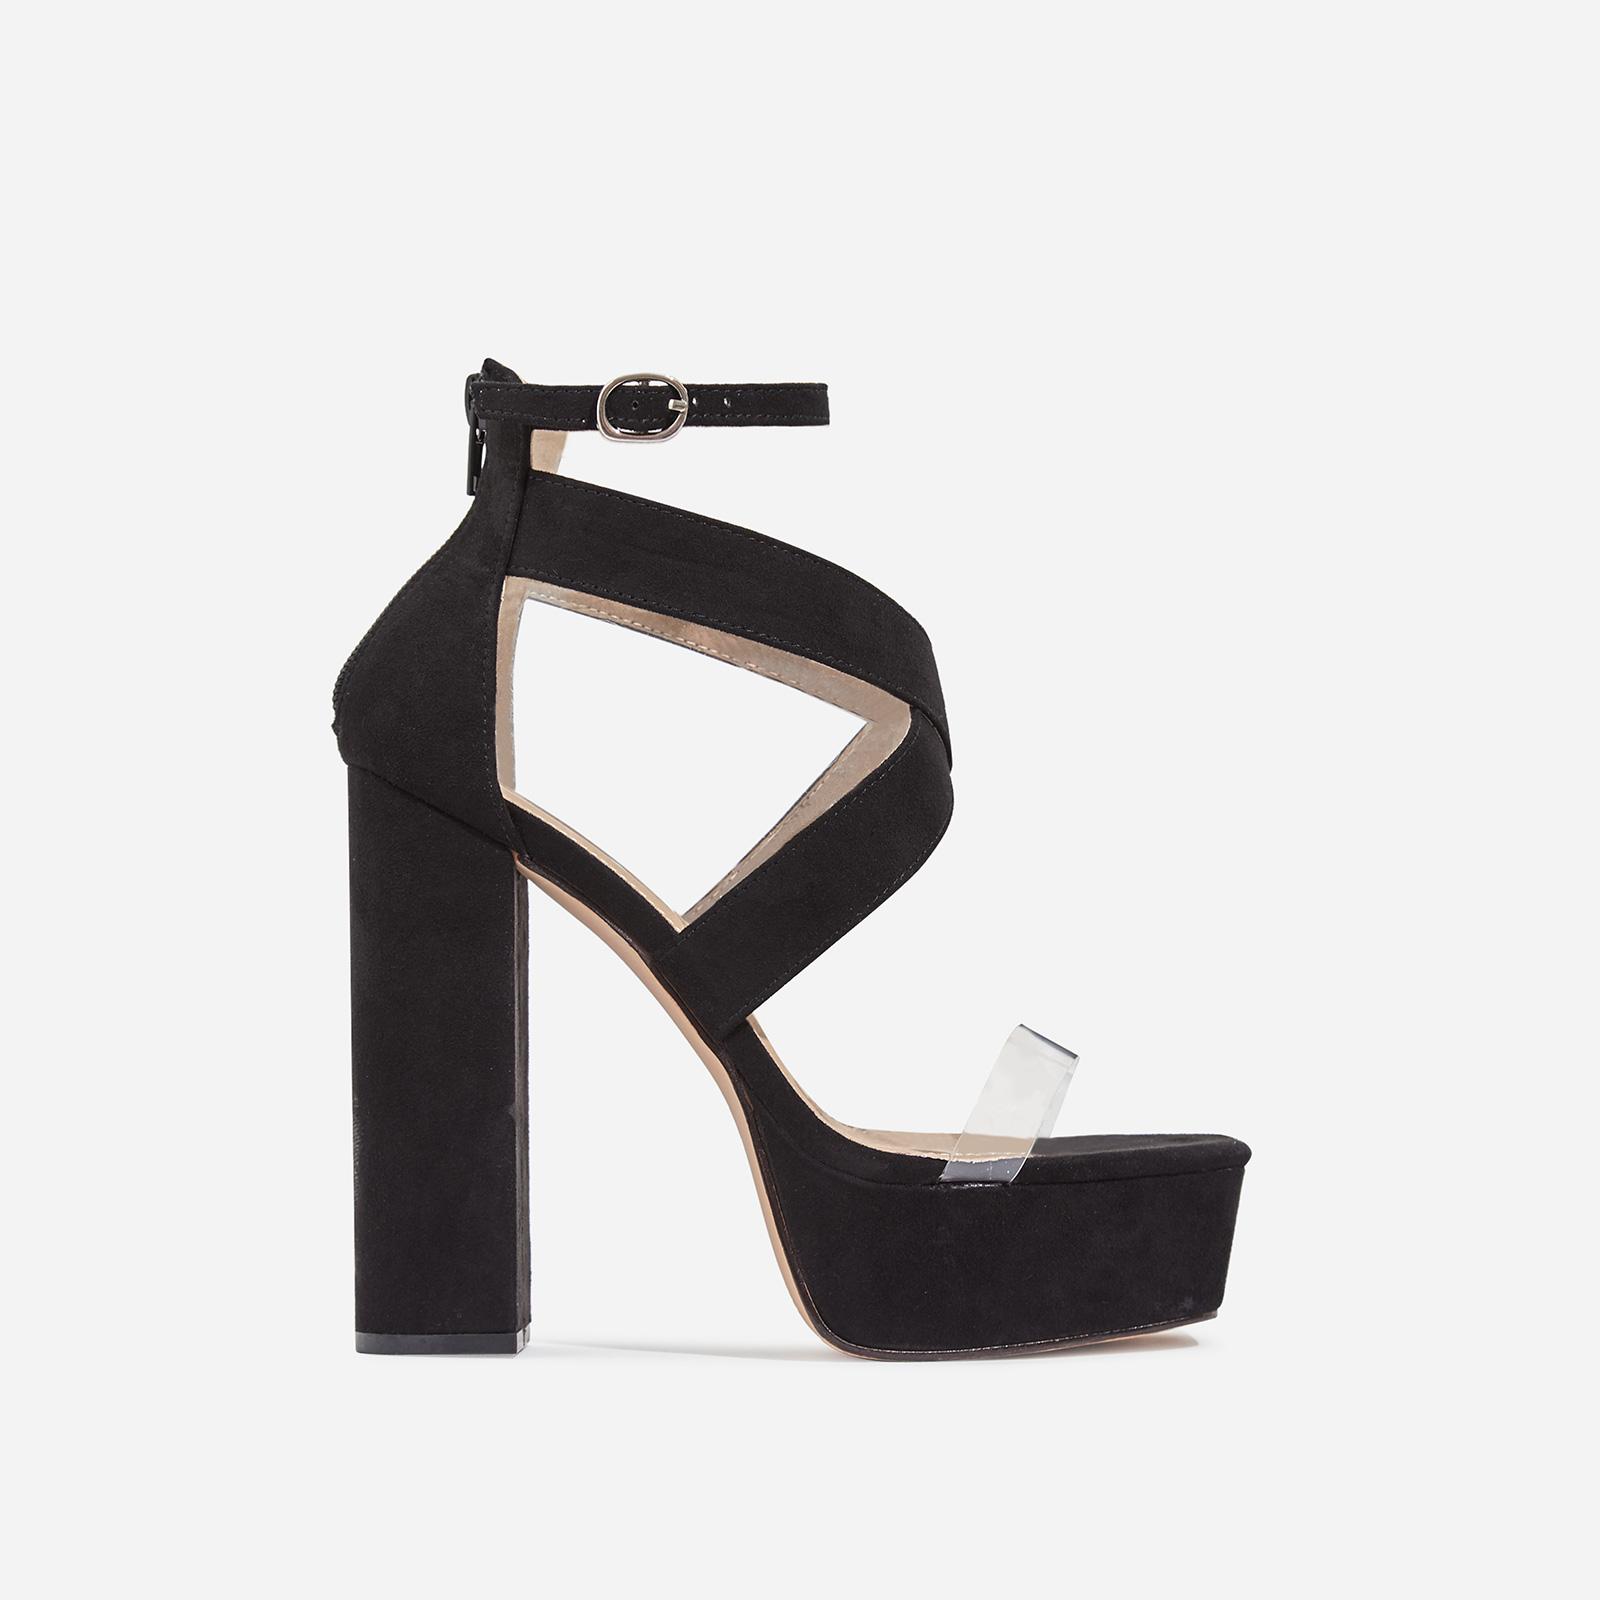 Nirvana Platform Square Toe Perspex Heel In Black Faux Suede